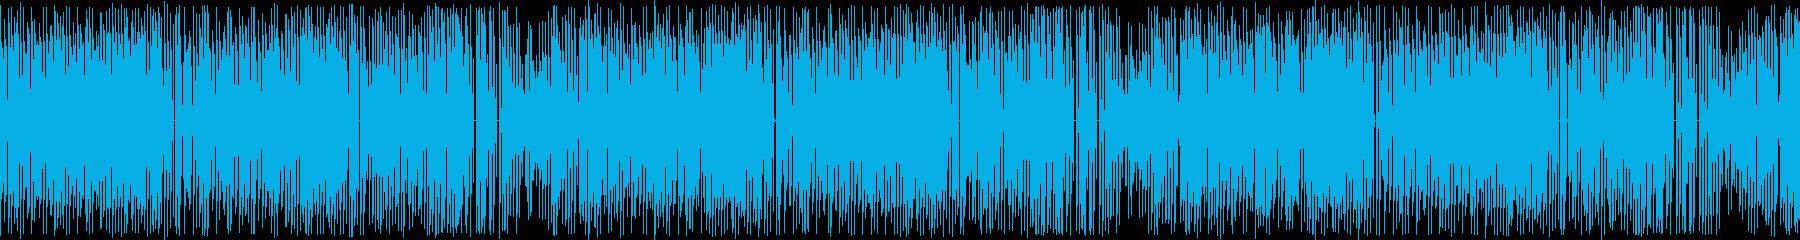 ループ再生・レトロゲーム風・明るい中華風の再生済みの波形